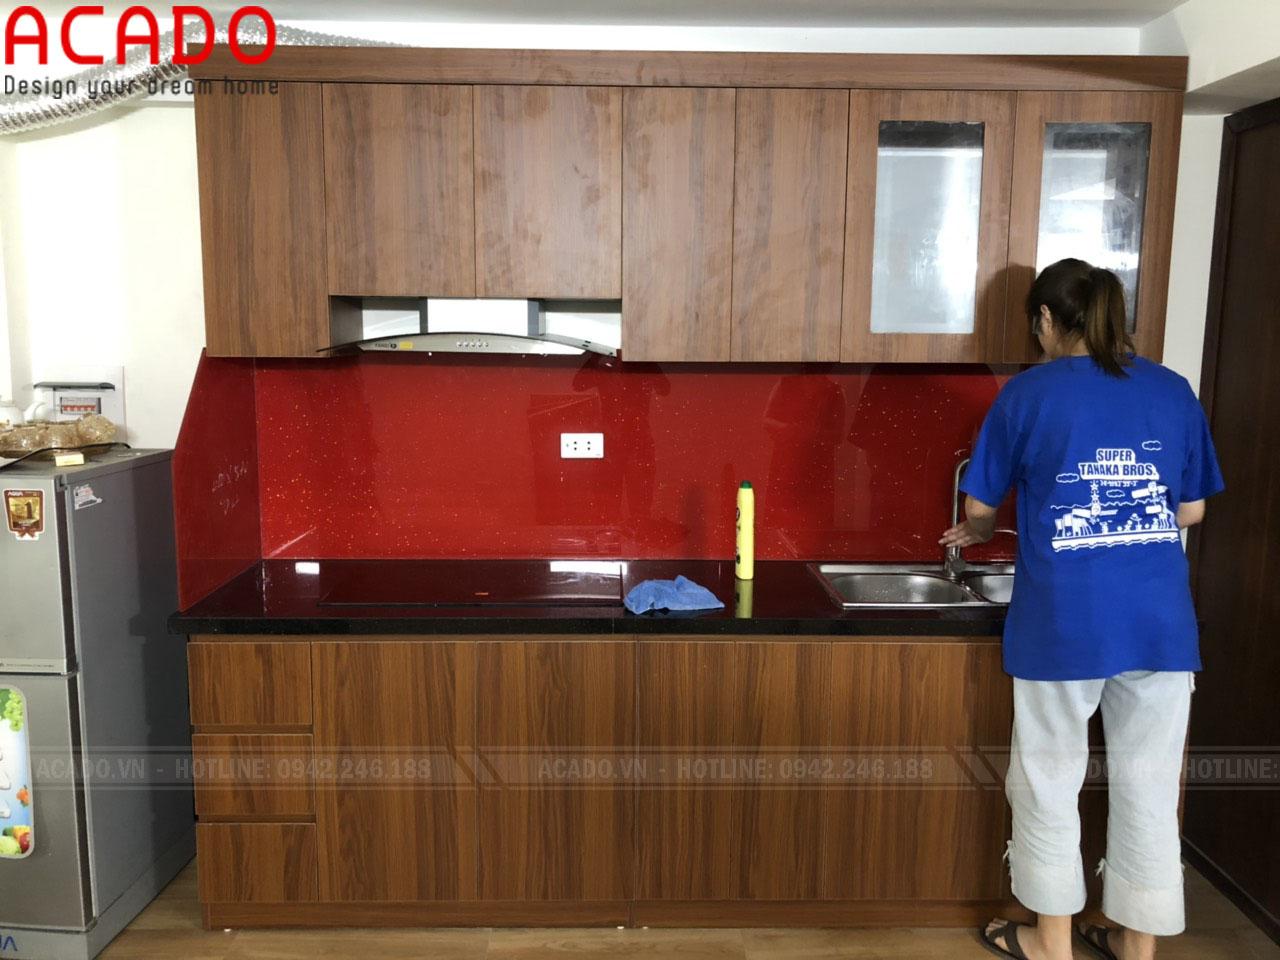 Tủ bếp kính đỏ phù hợp với tuổi, mệnh của gia chủ, mang lại may mắn, tiền tài,...